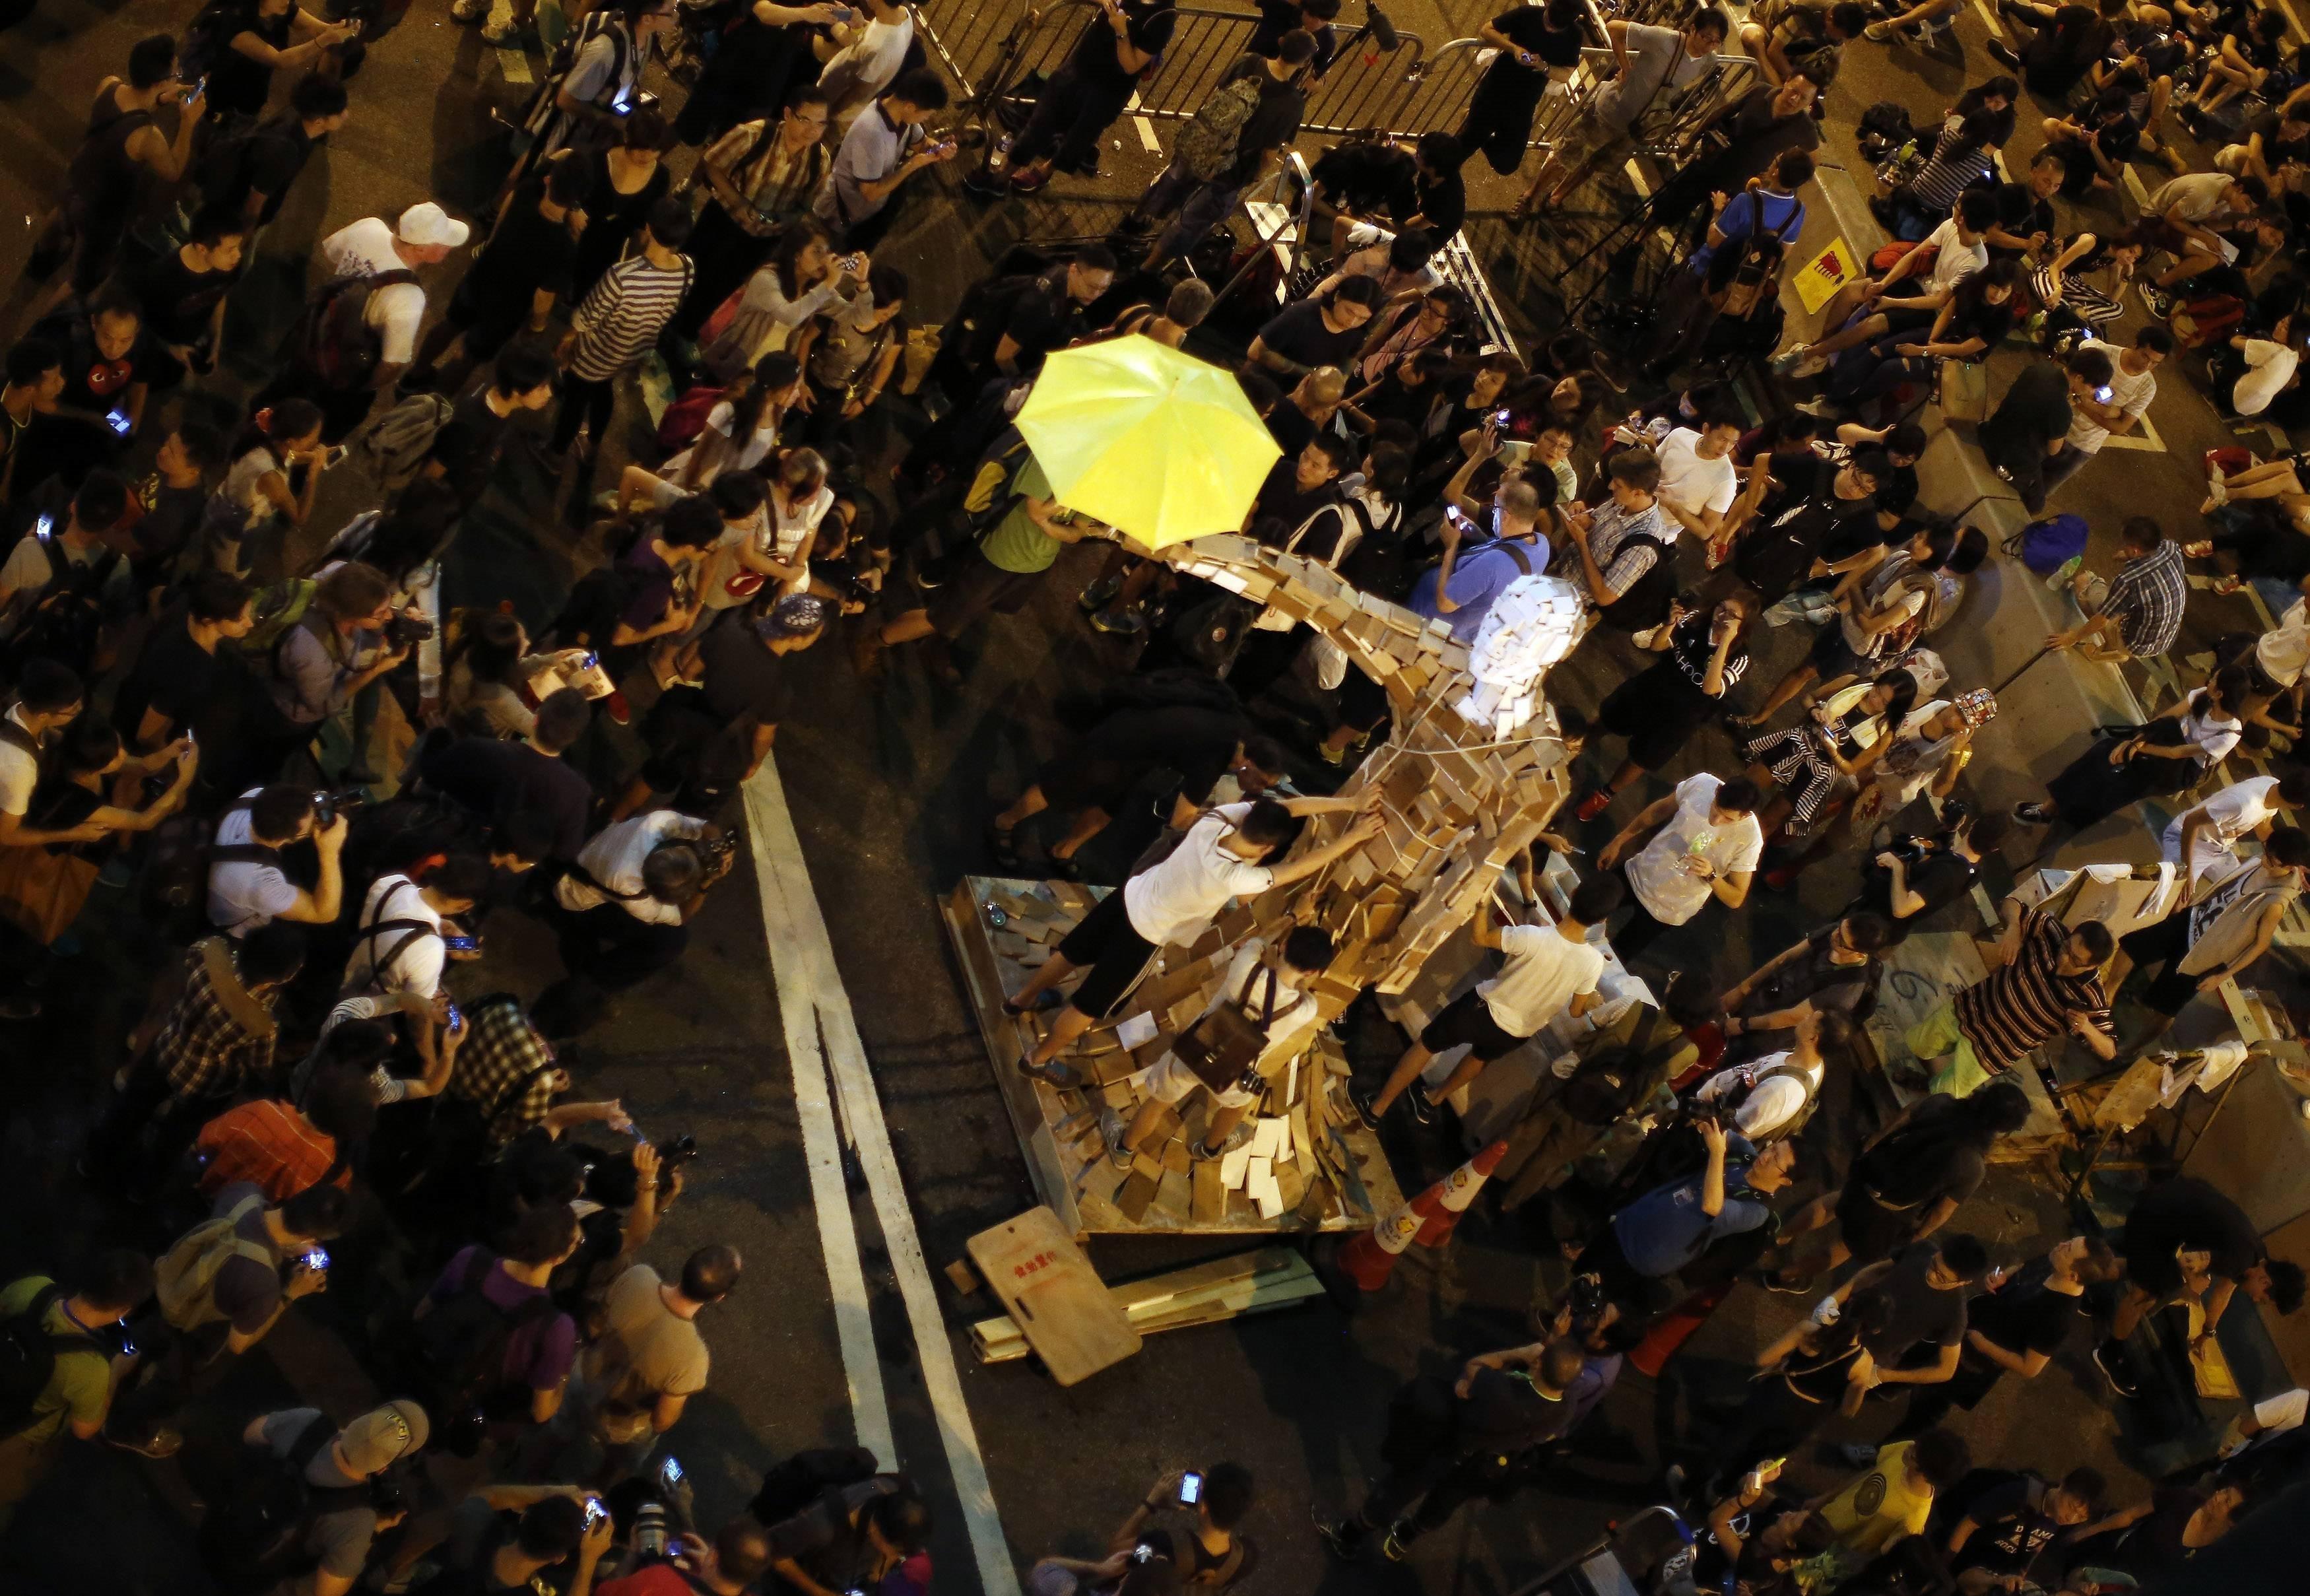 撐起黃色雨傘,佔中群眾不退散。(圖/路透社)